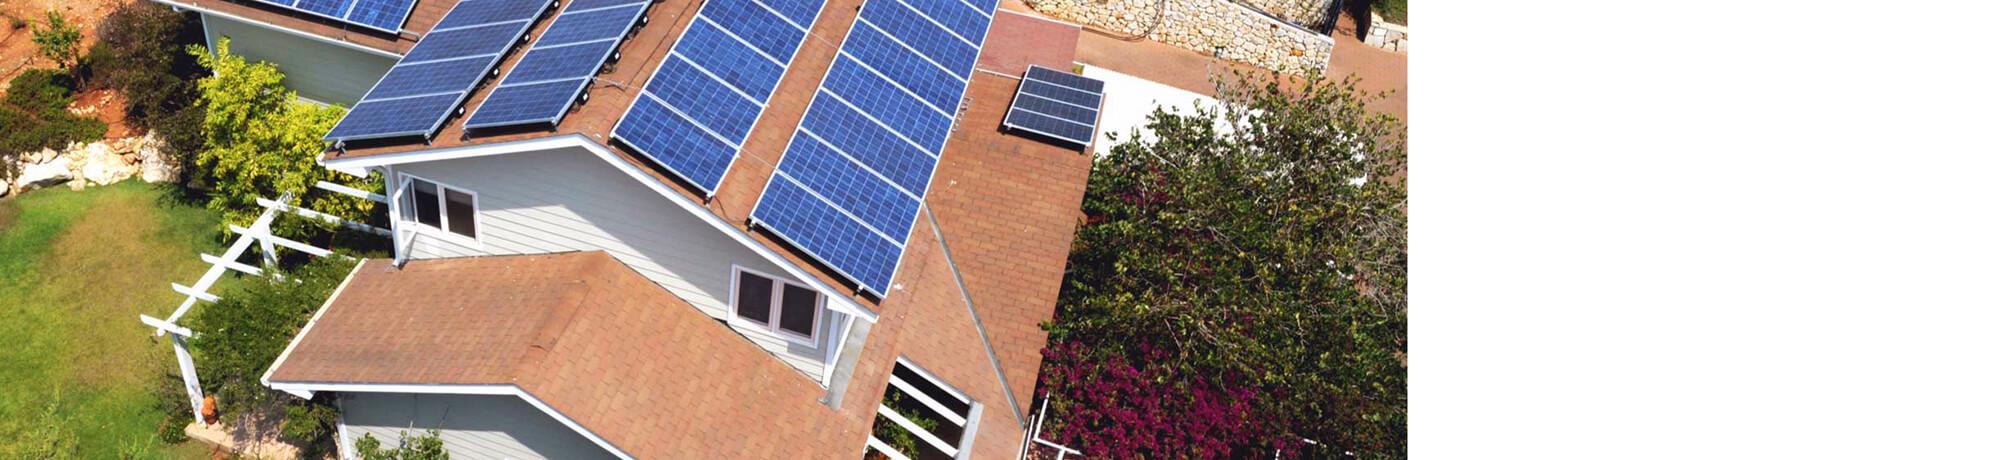 המוצרים והשירותים של SolarEdge